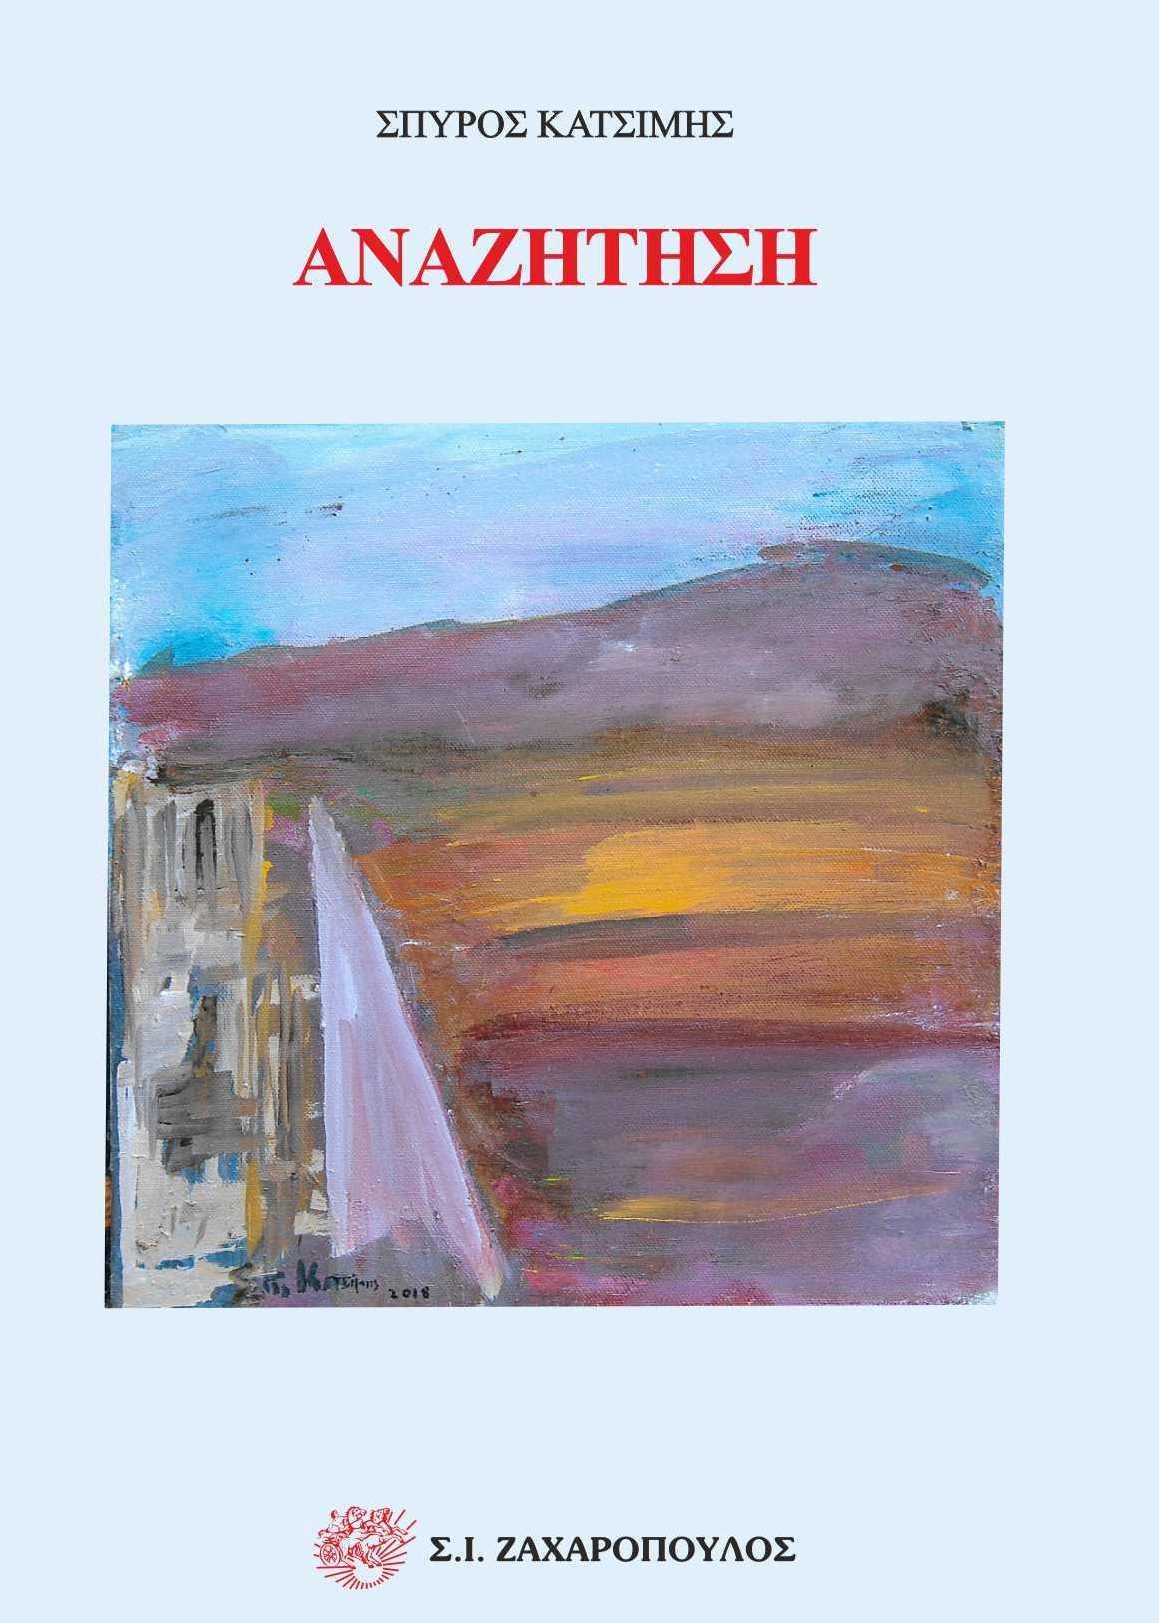 Αναζήτηση, , Κατσίμης, Σπύρος, 1933-, Ζαχαρόπουλος Σ. Ι., 2021